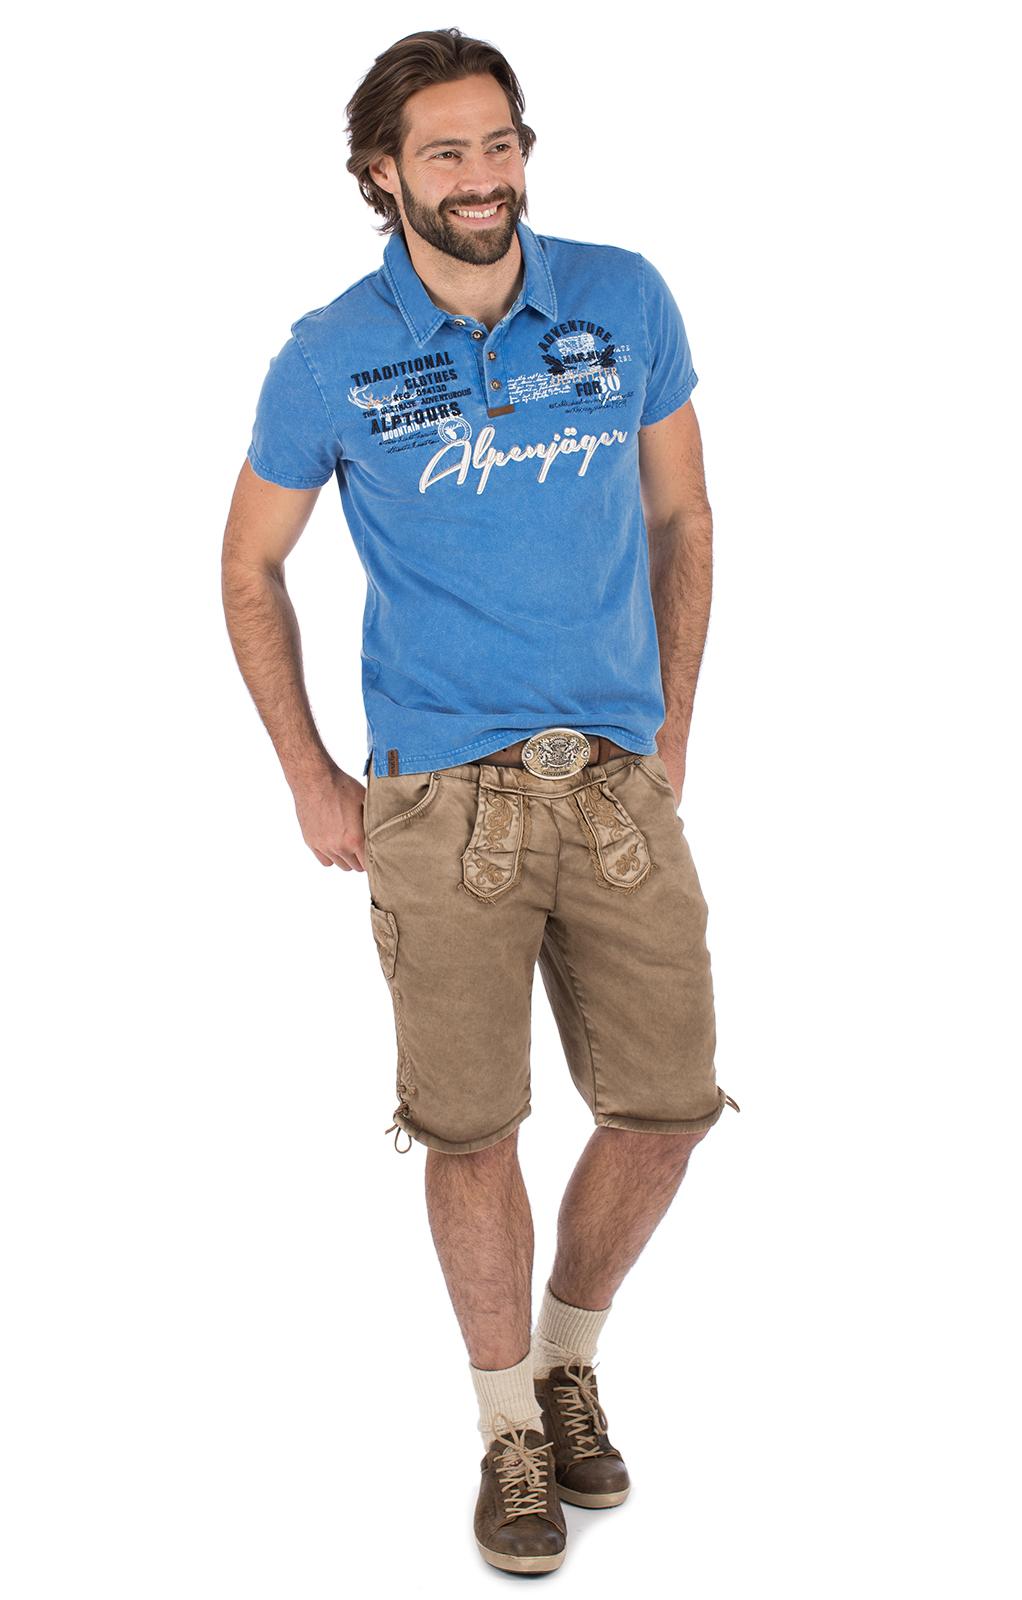 weitere Bilder von Kostuums T-shirt E09 - ALPENJAEGER blauw